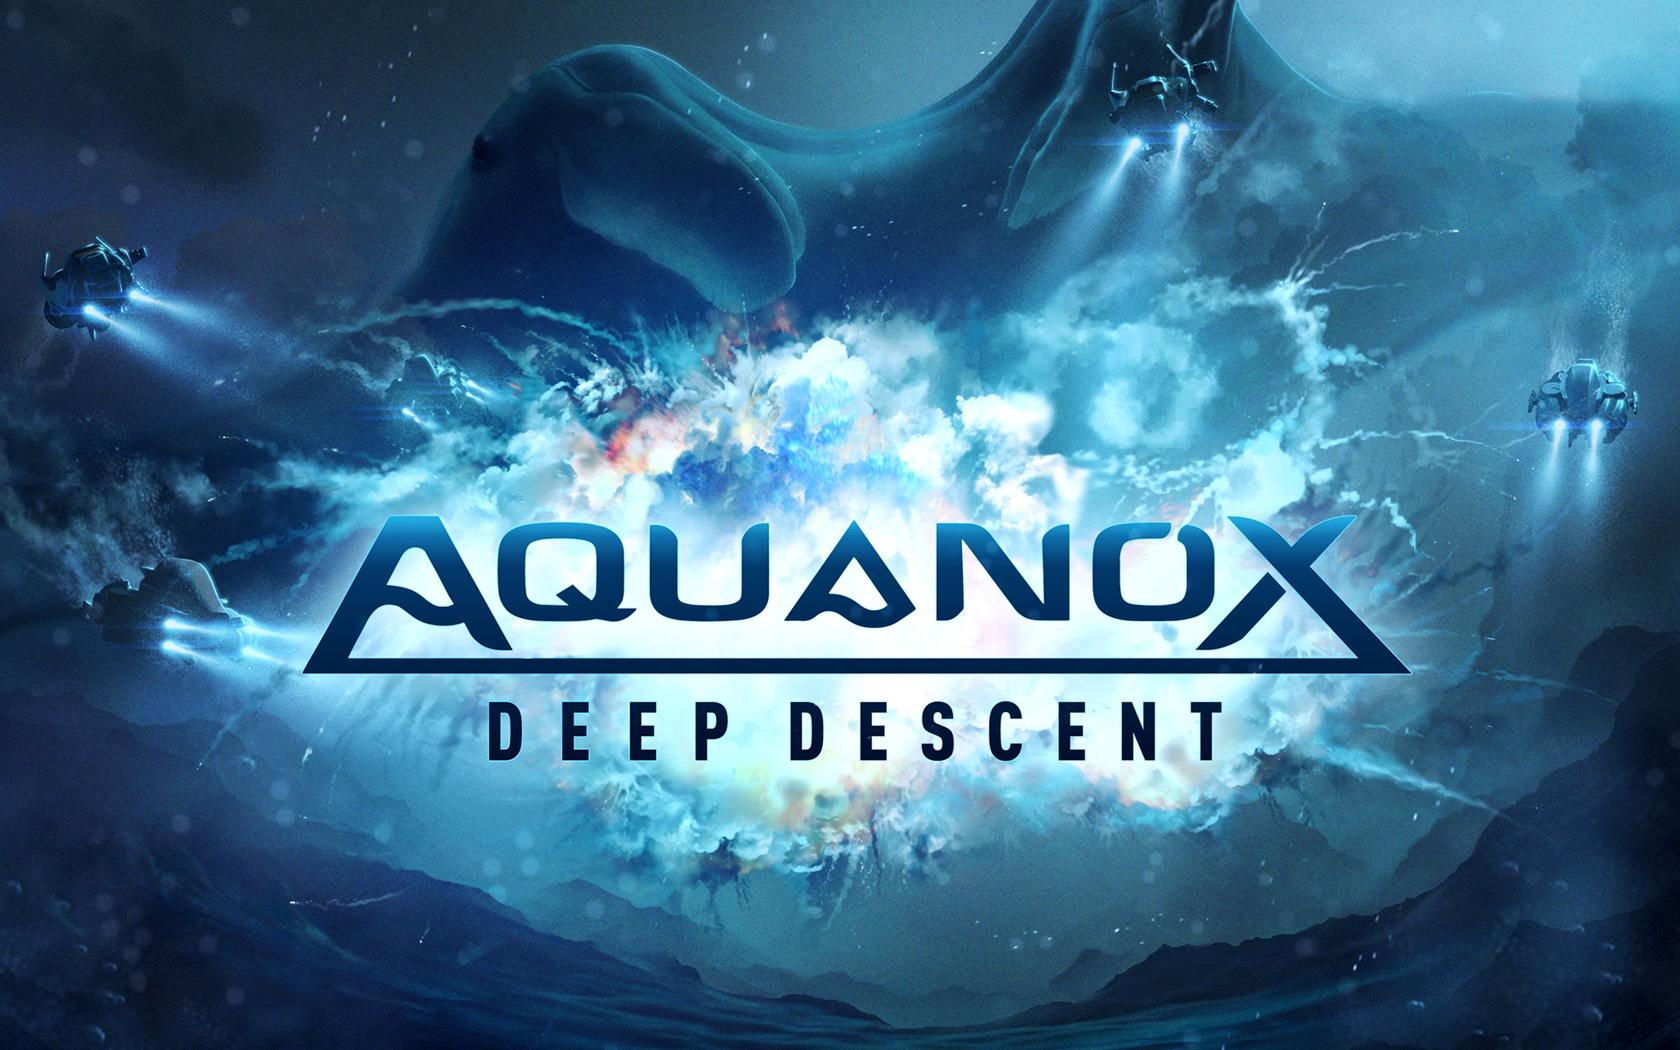 Free Aquanox Deep Descent Wallpaper in 1680x1050